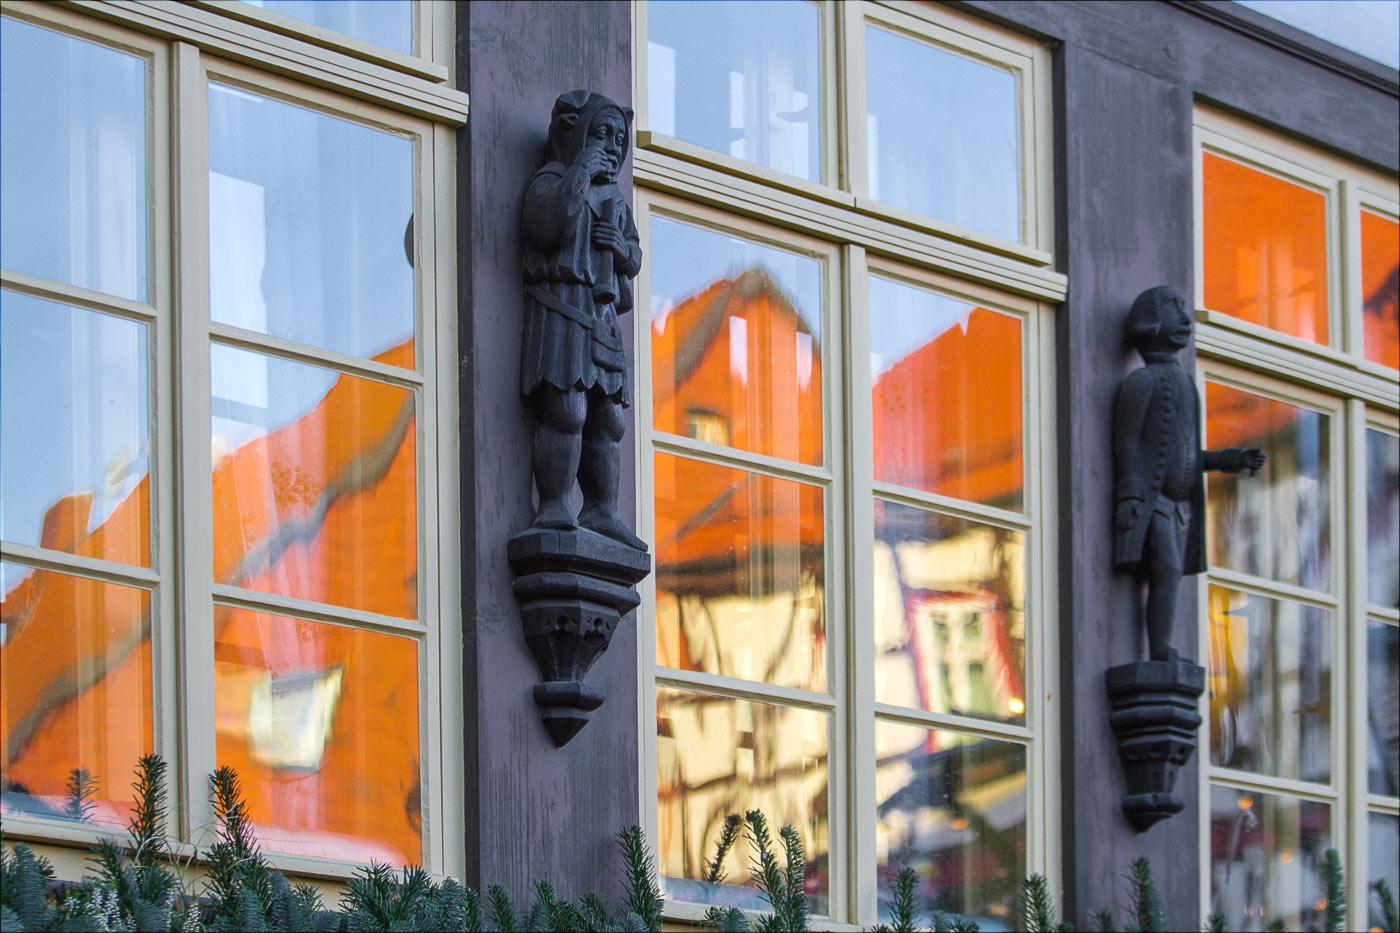 http://countryczech.com/wp-content/uploads/2016/12/photos/20161203-160005_Germany_Quedlinburg.jpg